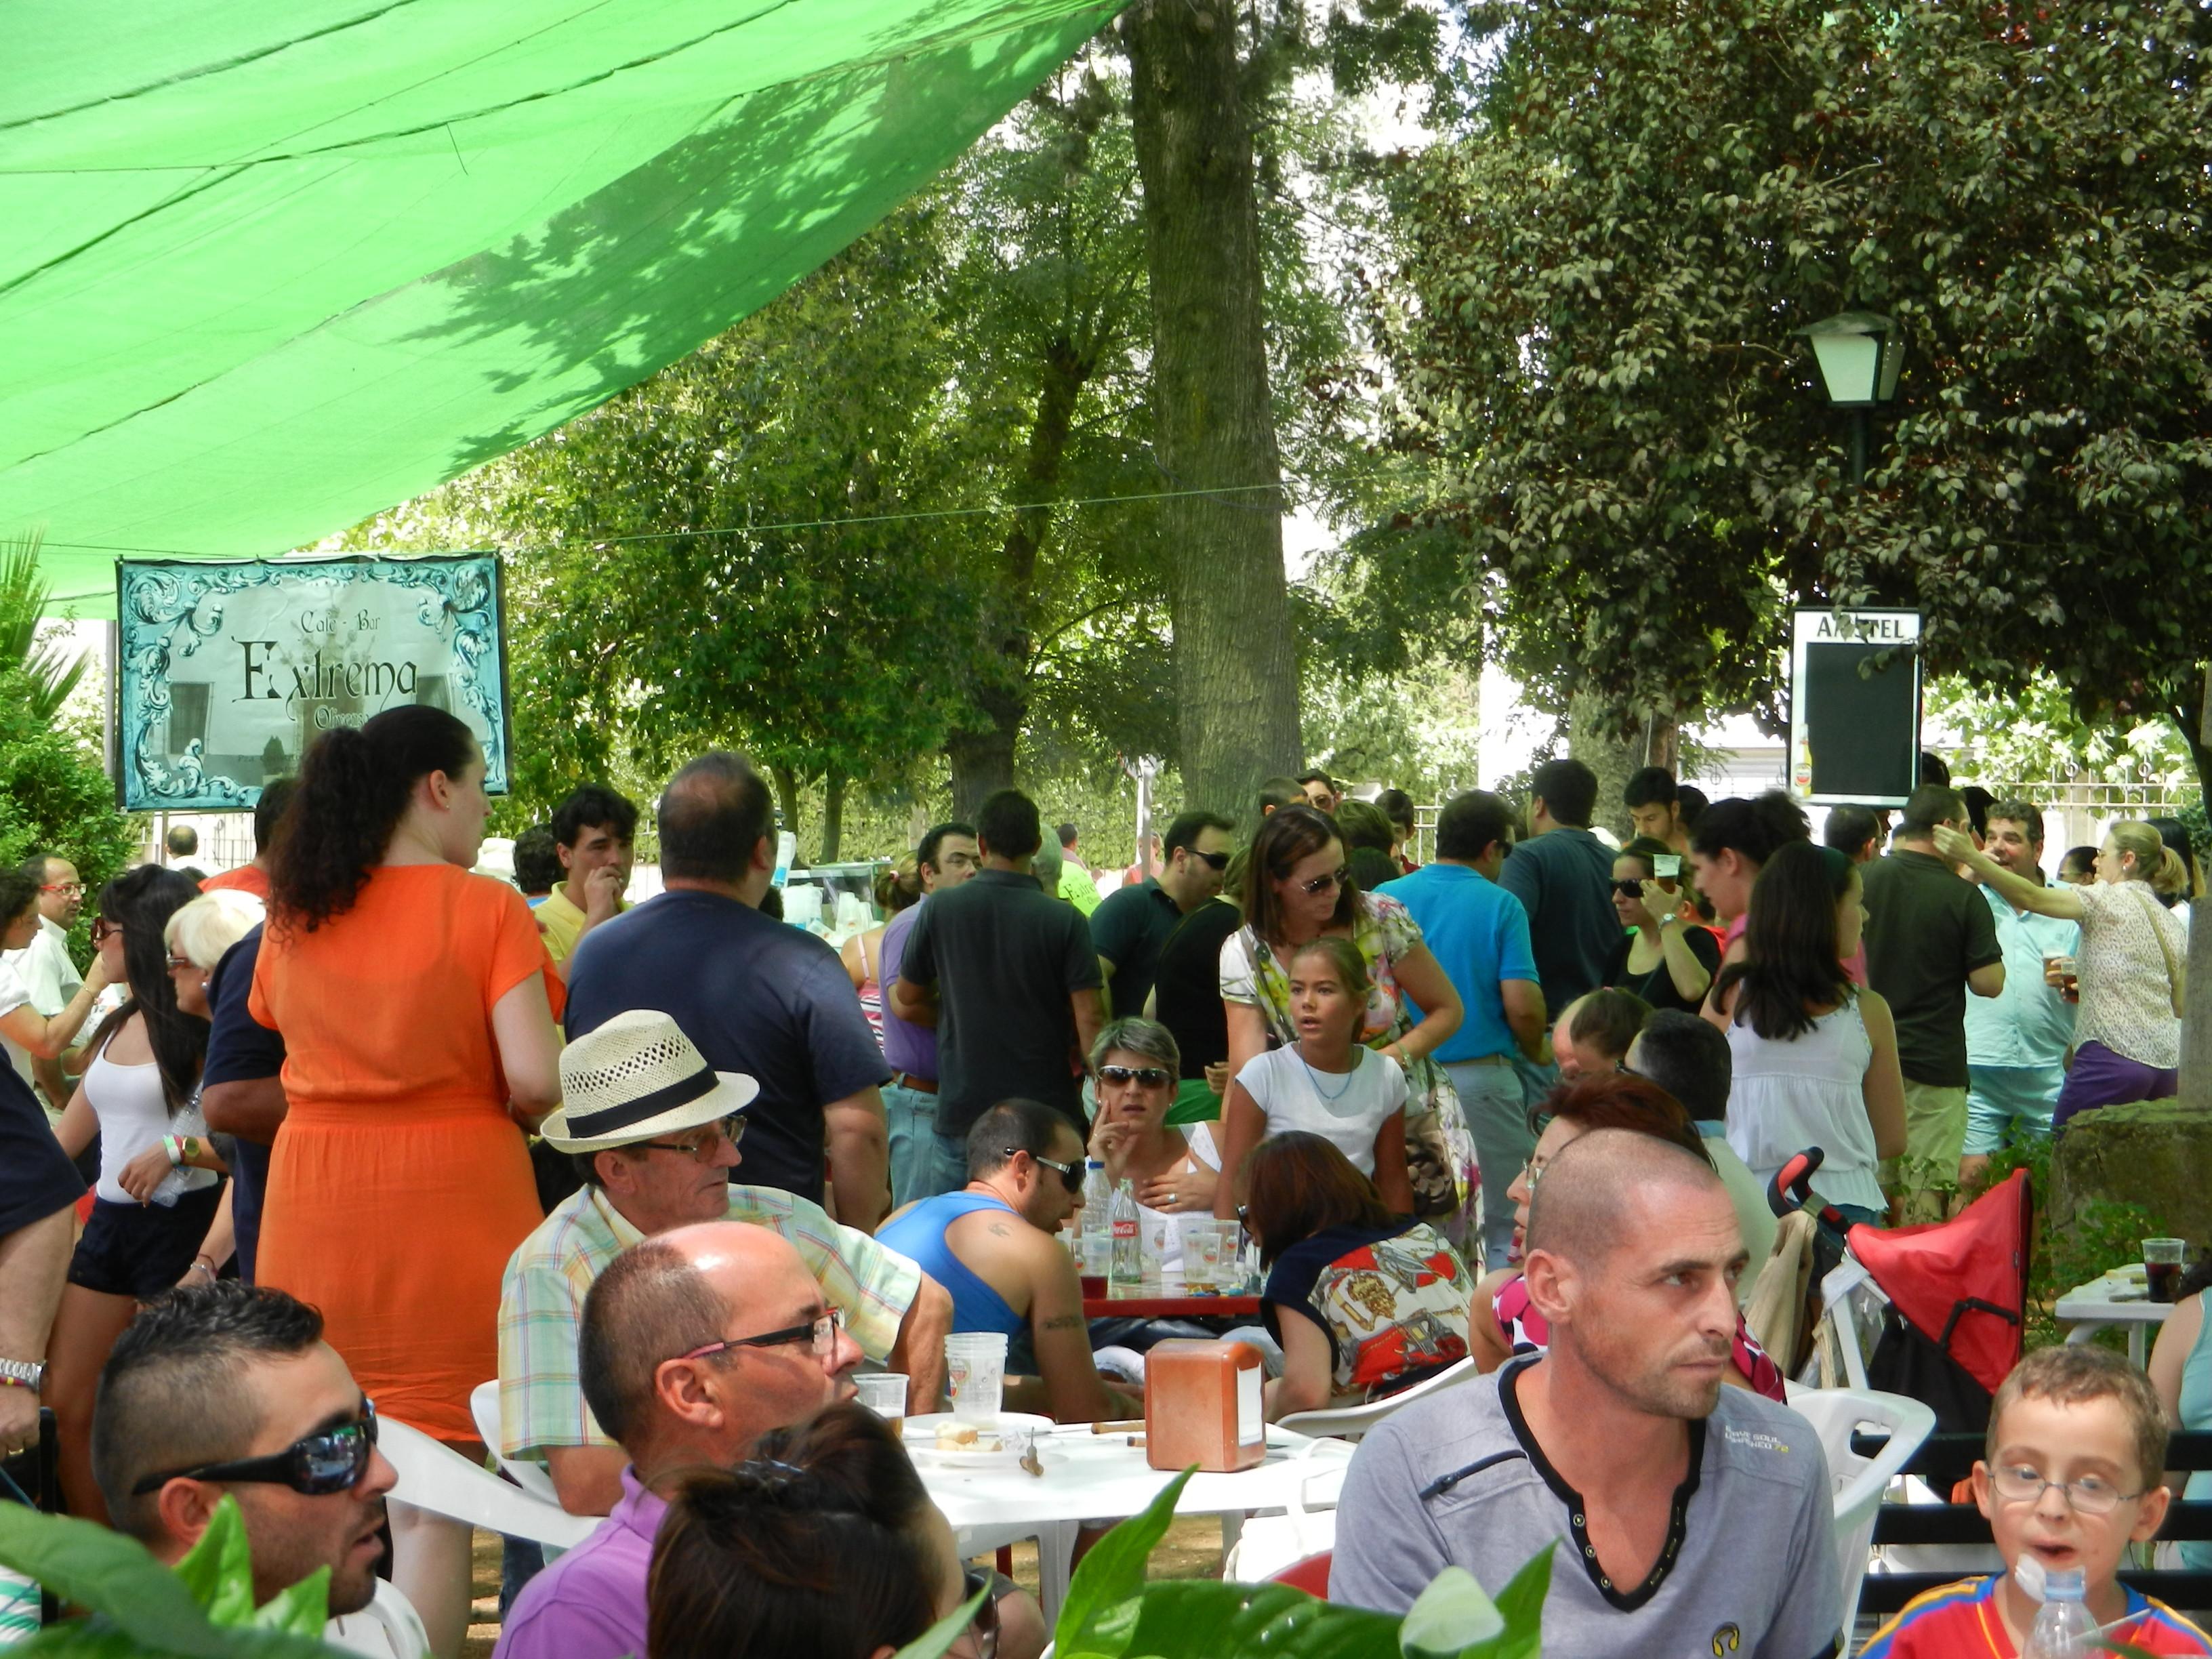 Feria de día en el parque de Los Pintasilgos